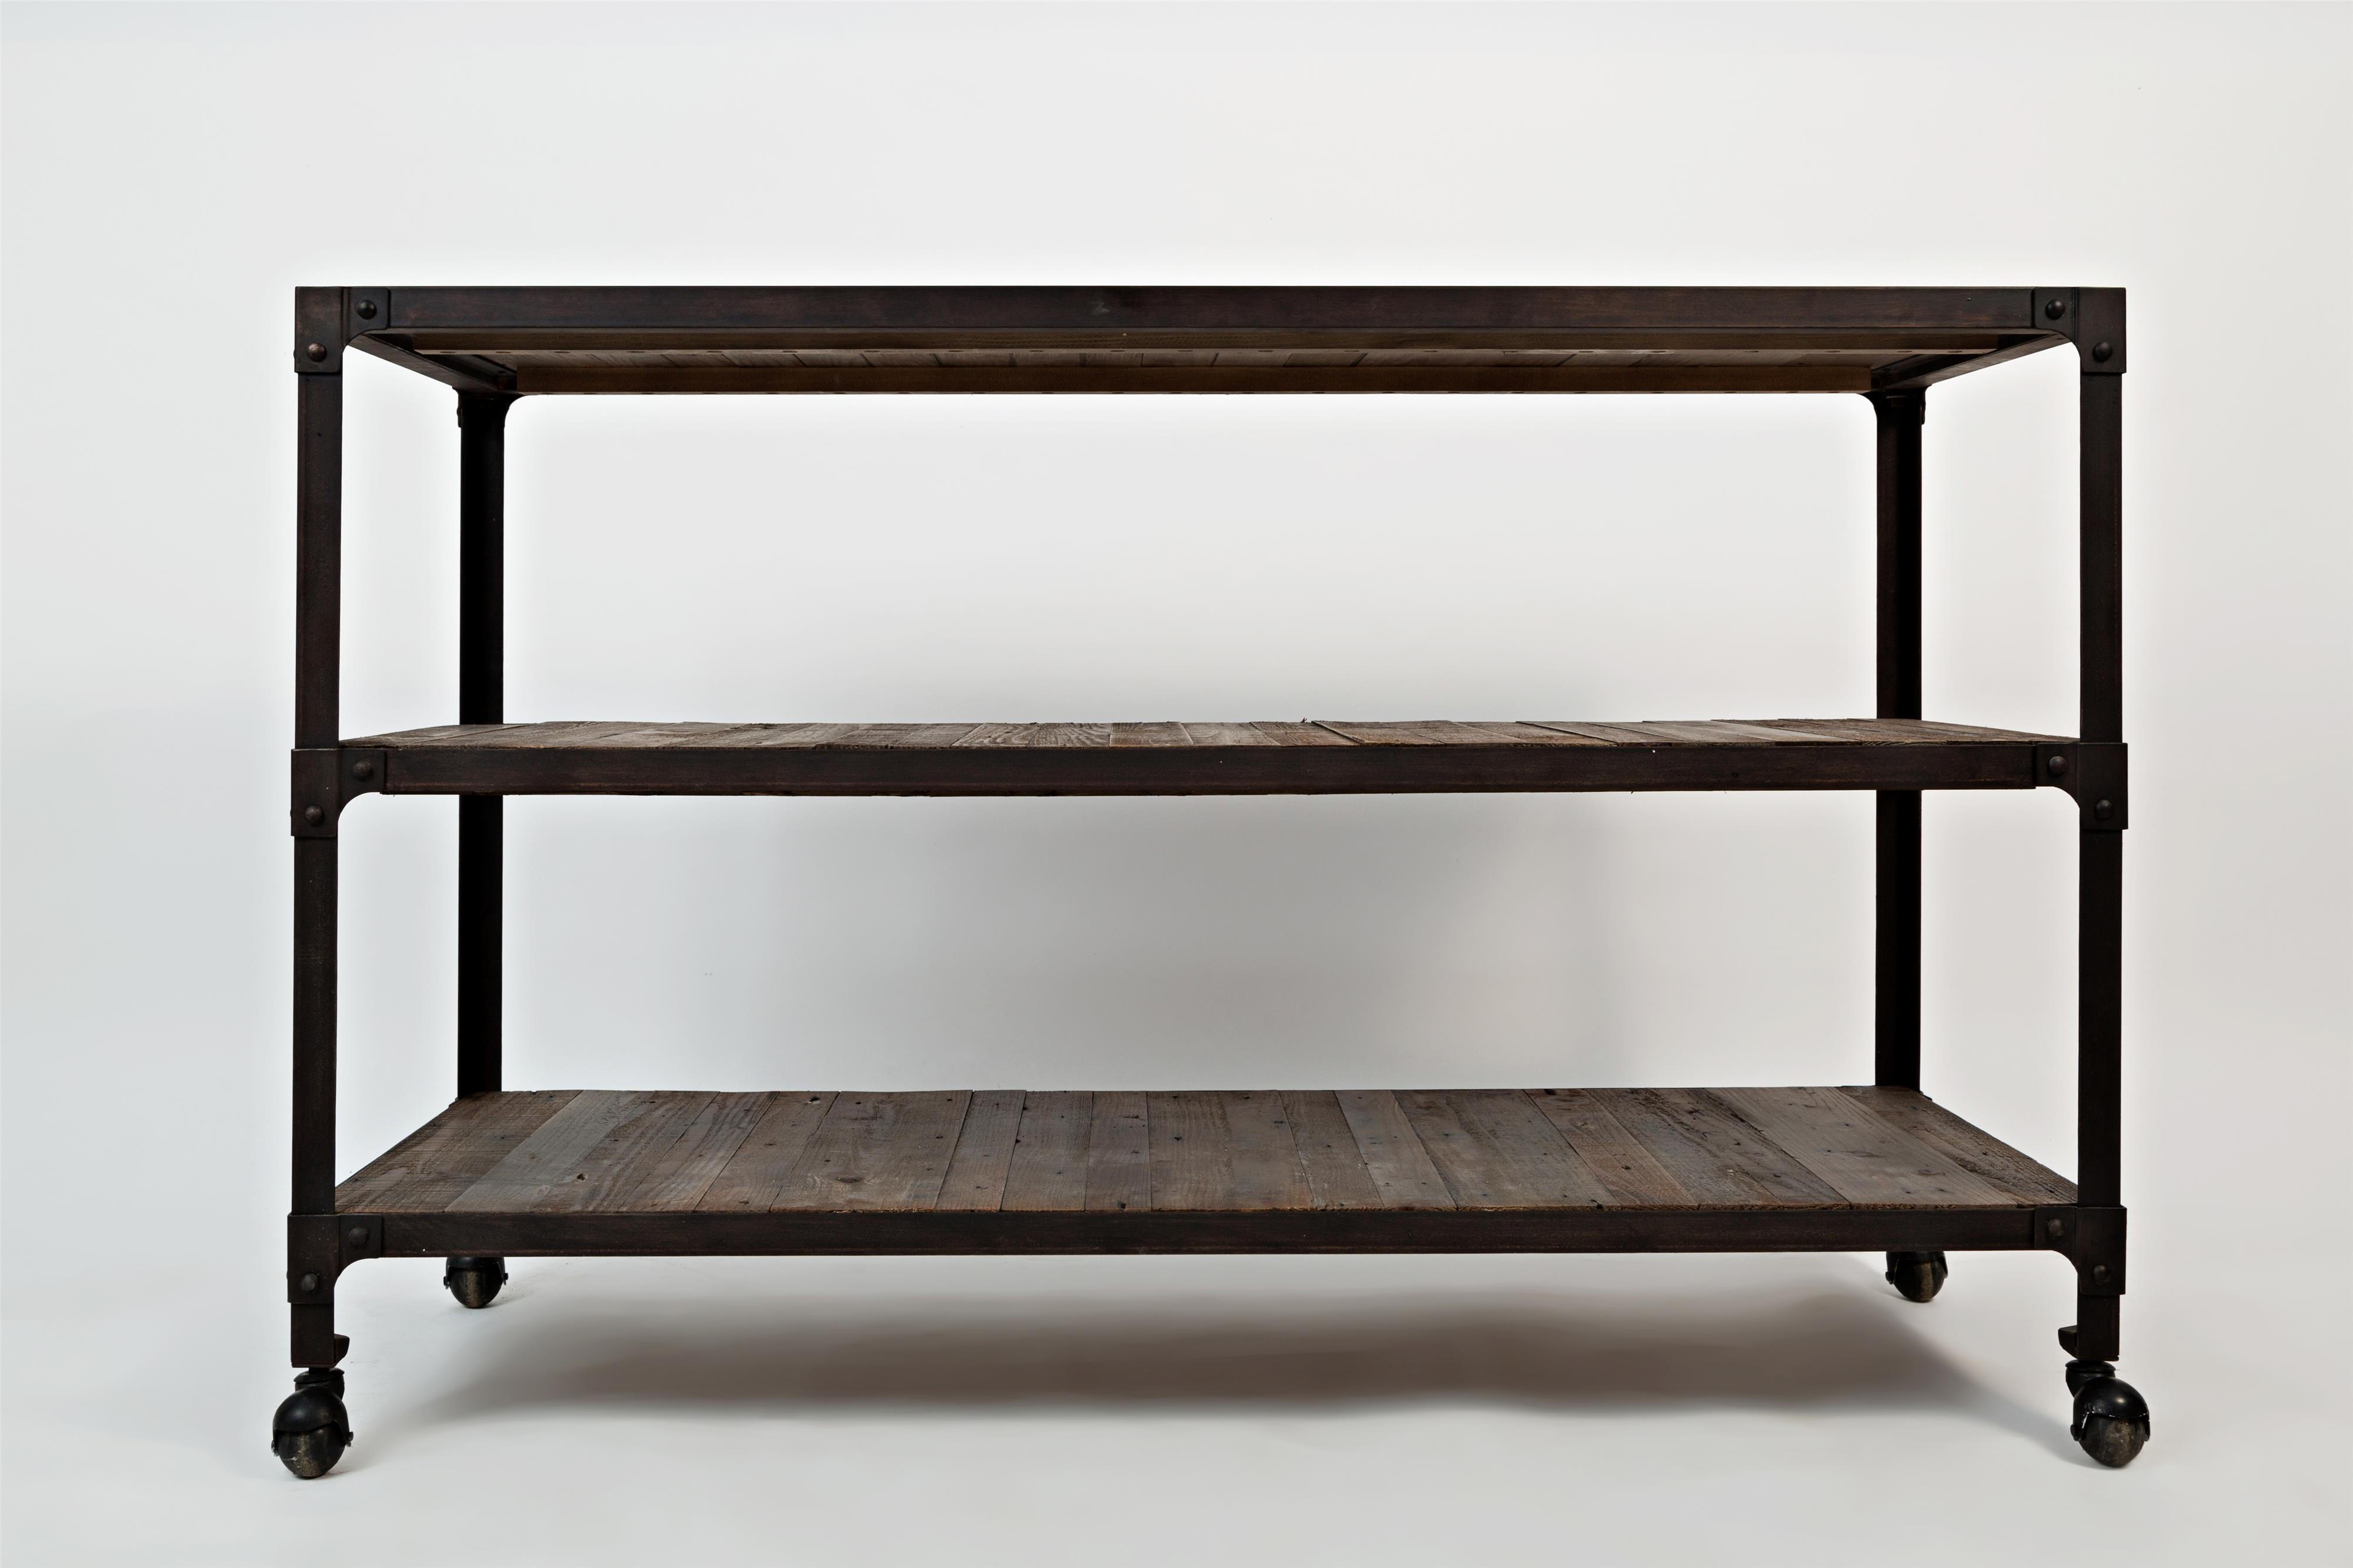 Jofran Franklin Forge Franklin Forge Sofa Table - Item Number: 1540-4